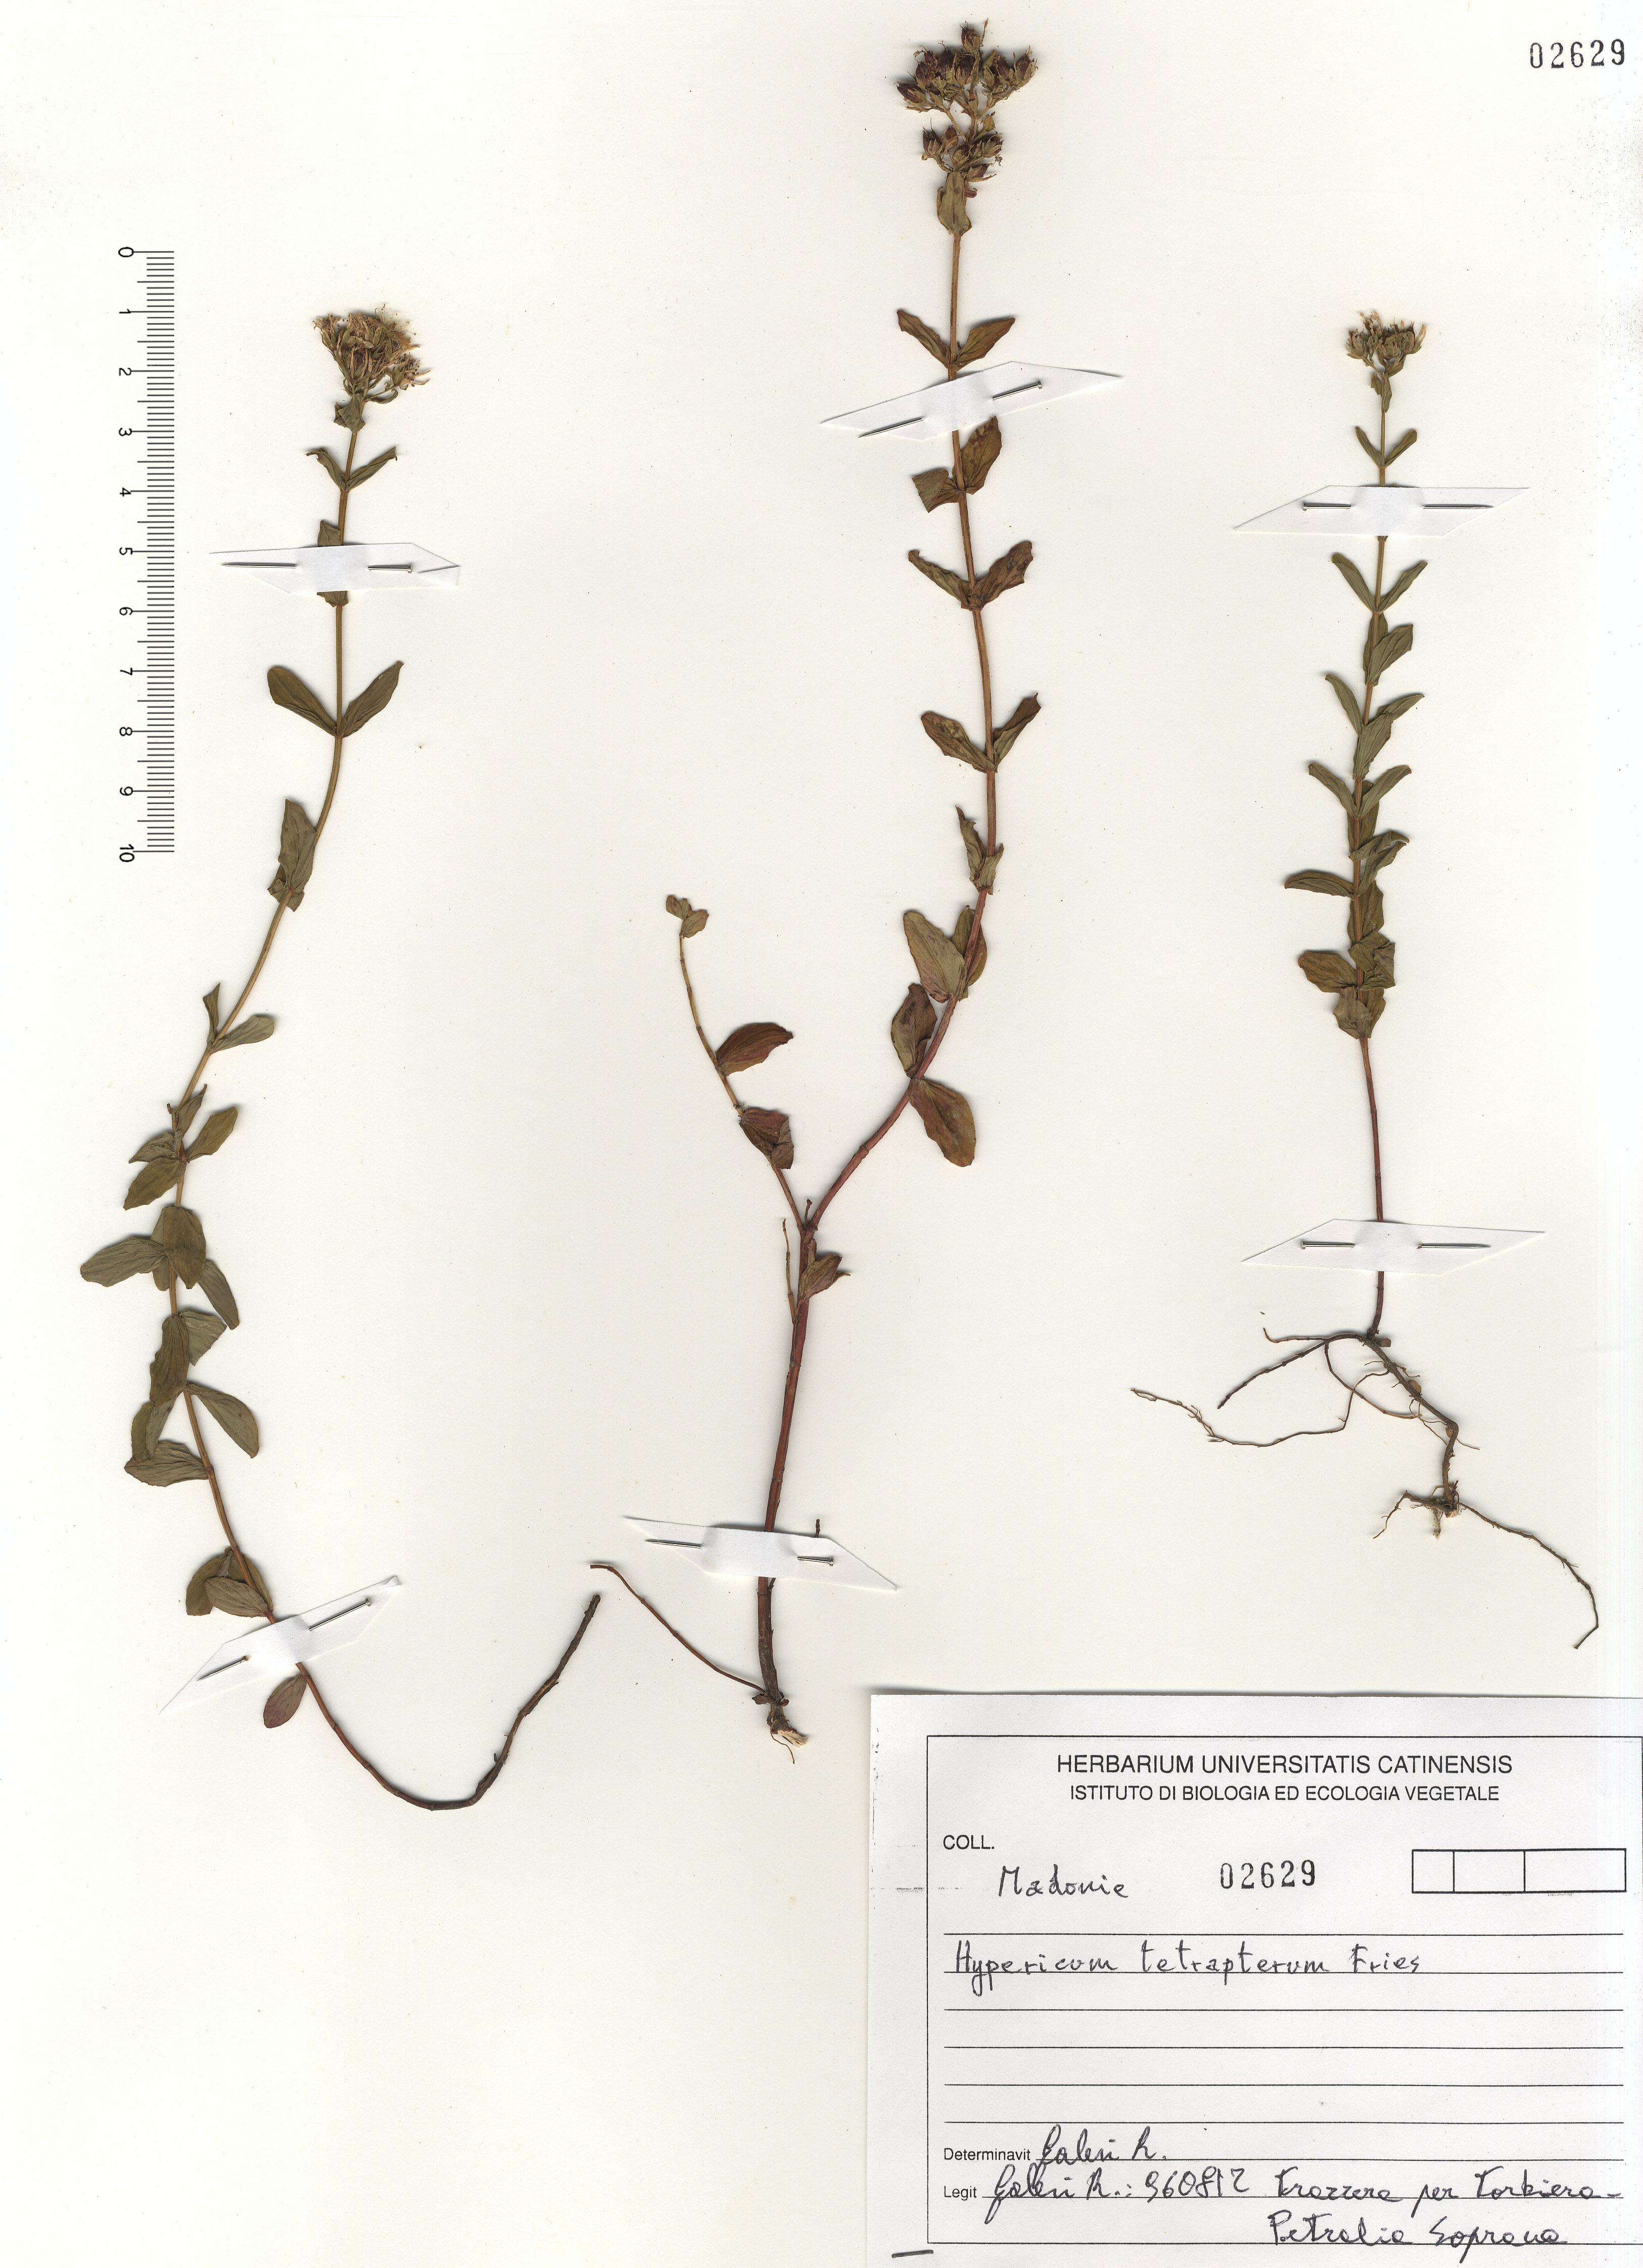 © Hortus Botanicus Catinensis - Herb. sheet 102692<br>